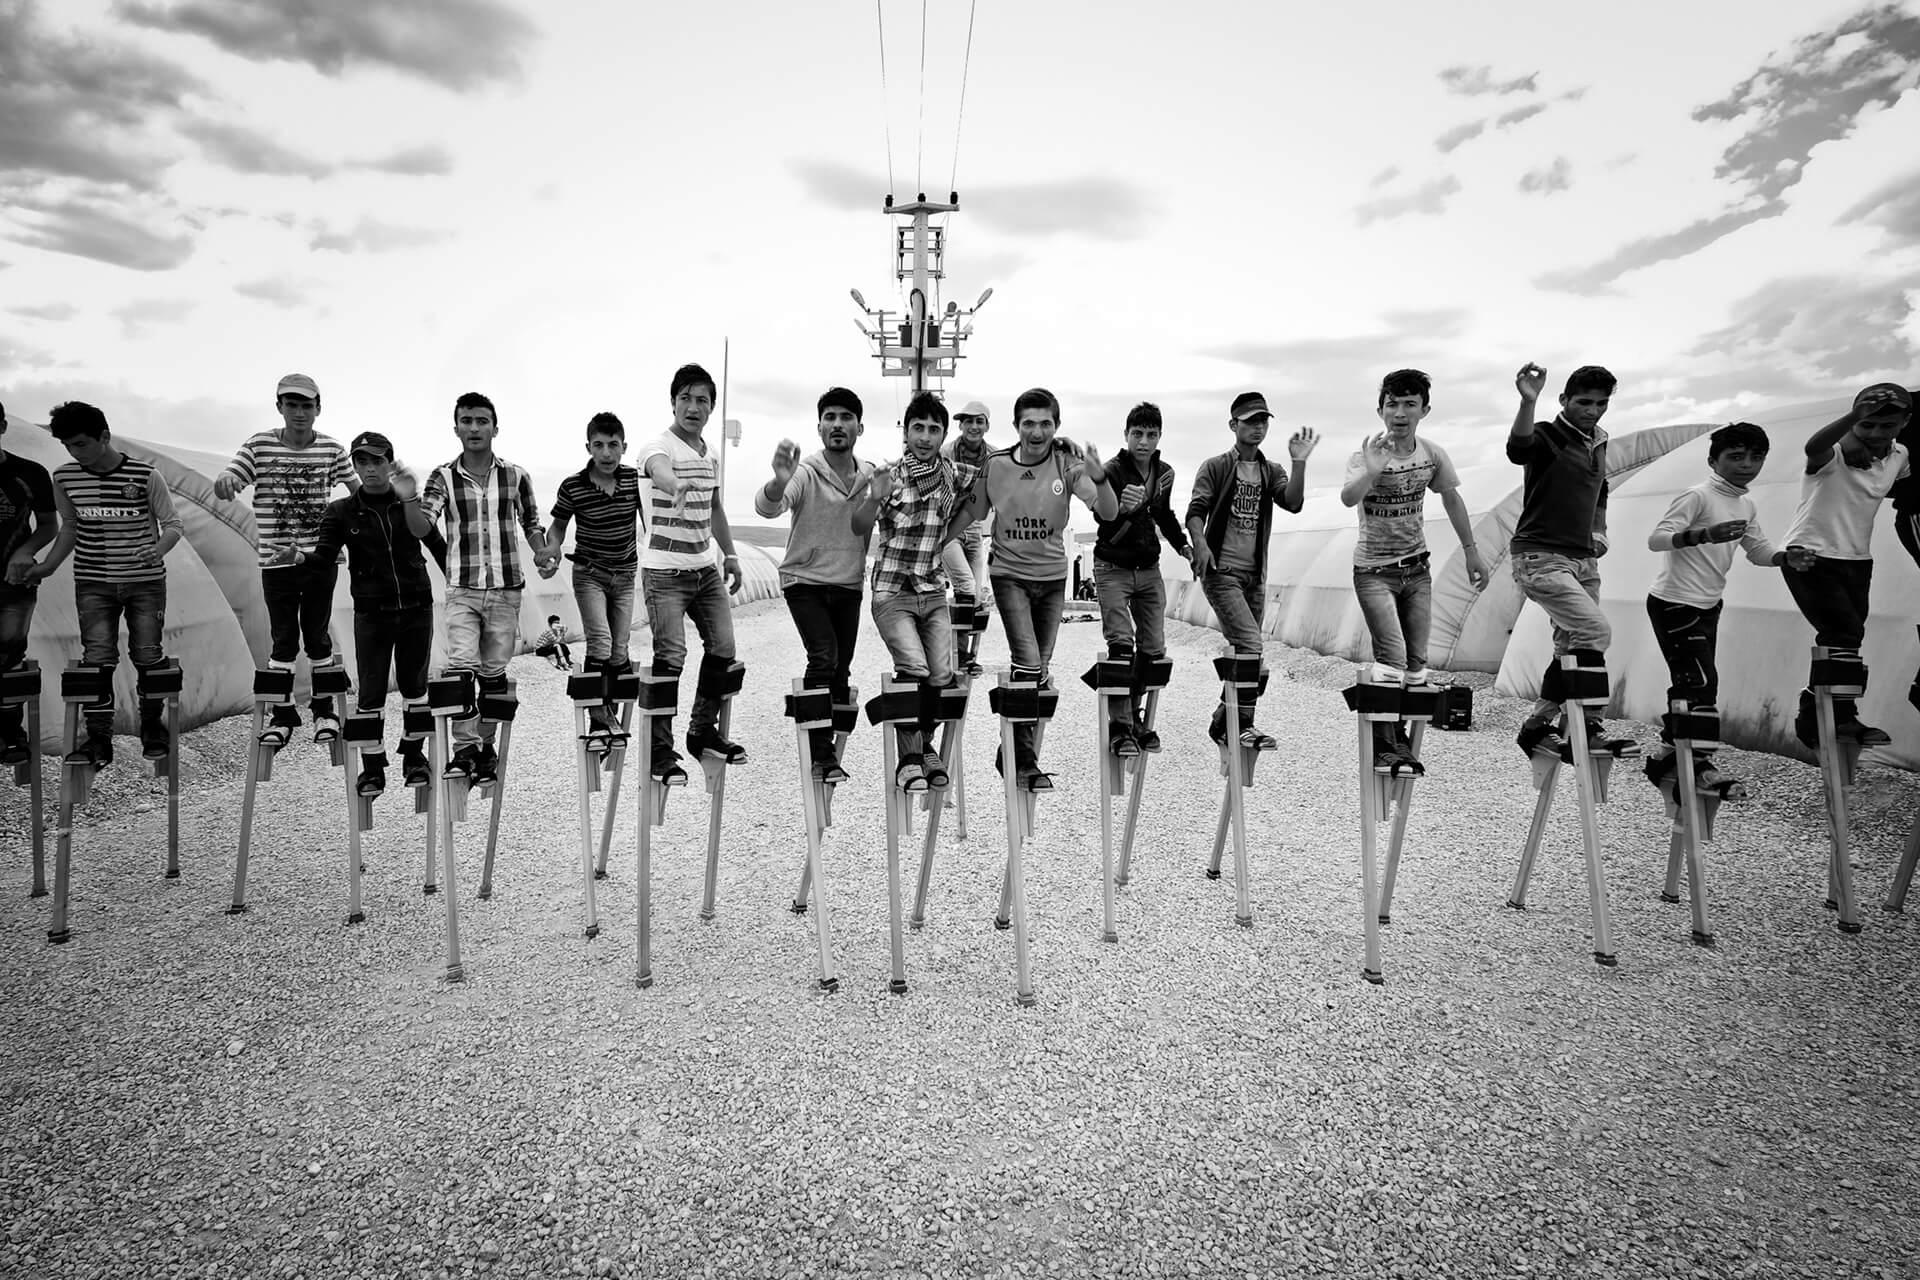 Foto Röportaj, Yürümeyi Öğrenmek : Yeni Baştan - Performans sırasında birbirleri ile senkronize hareket edebilmek için devamlı ve disipli bir çalışma gerekiyor.